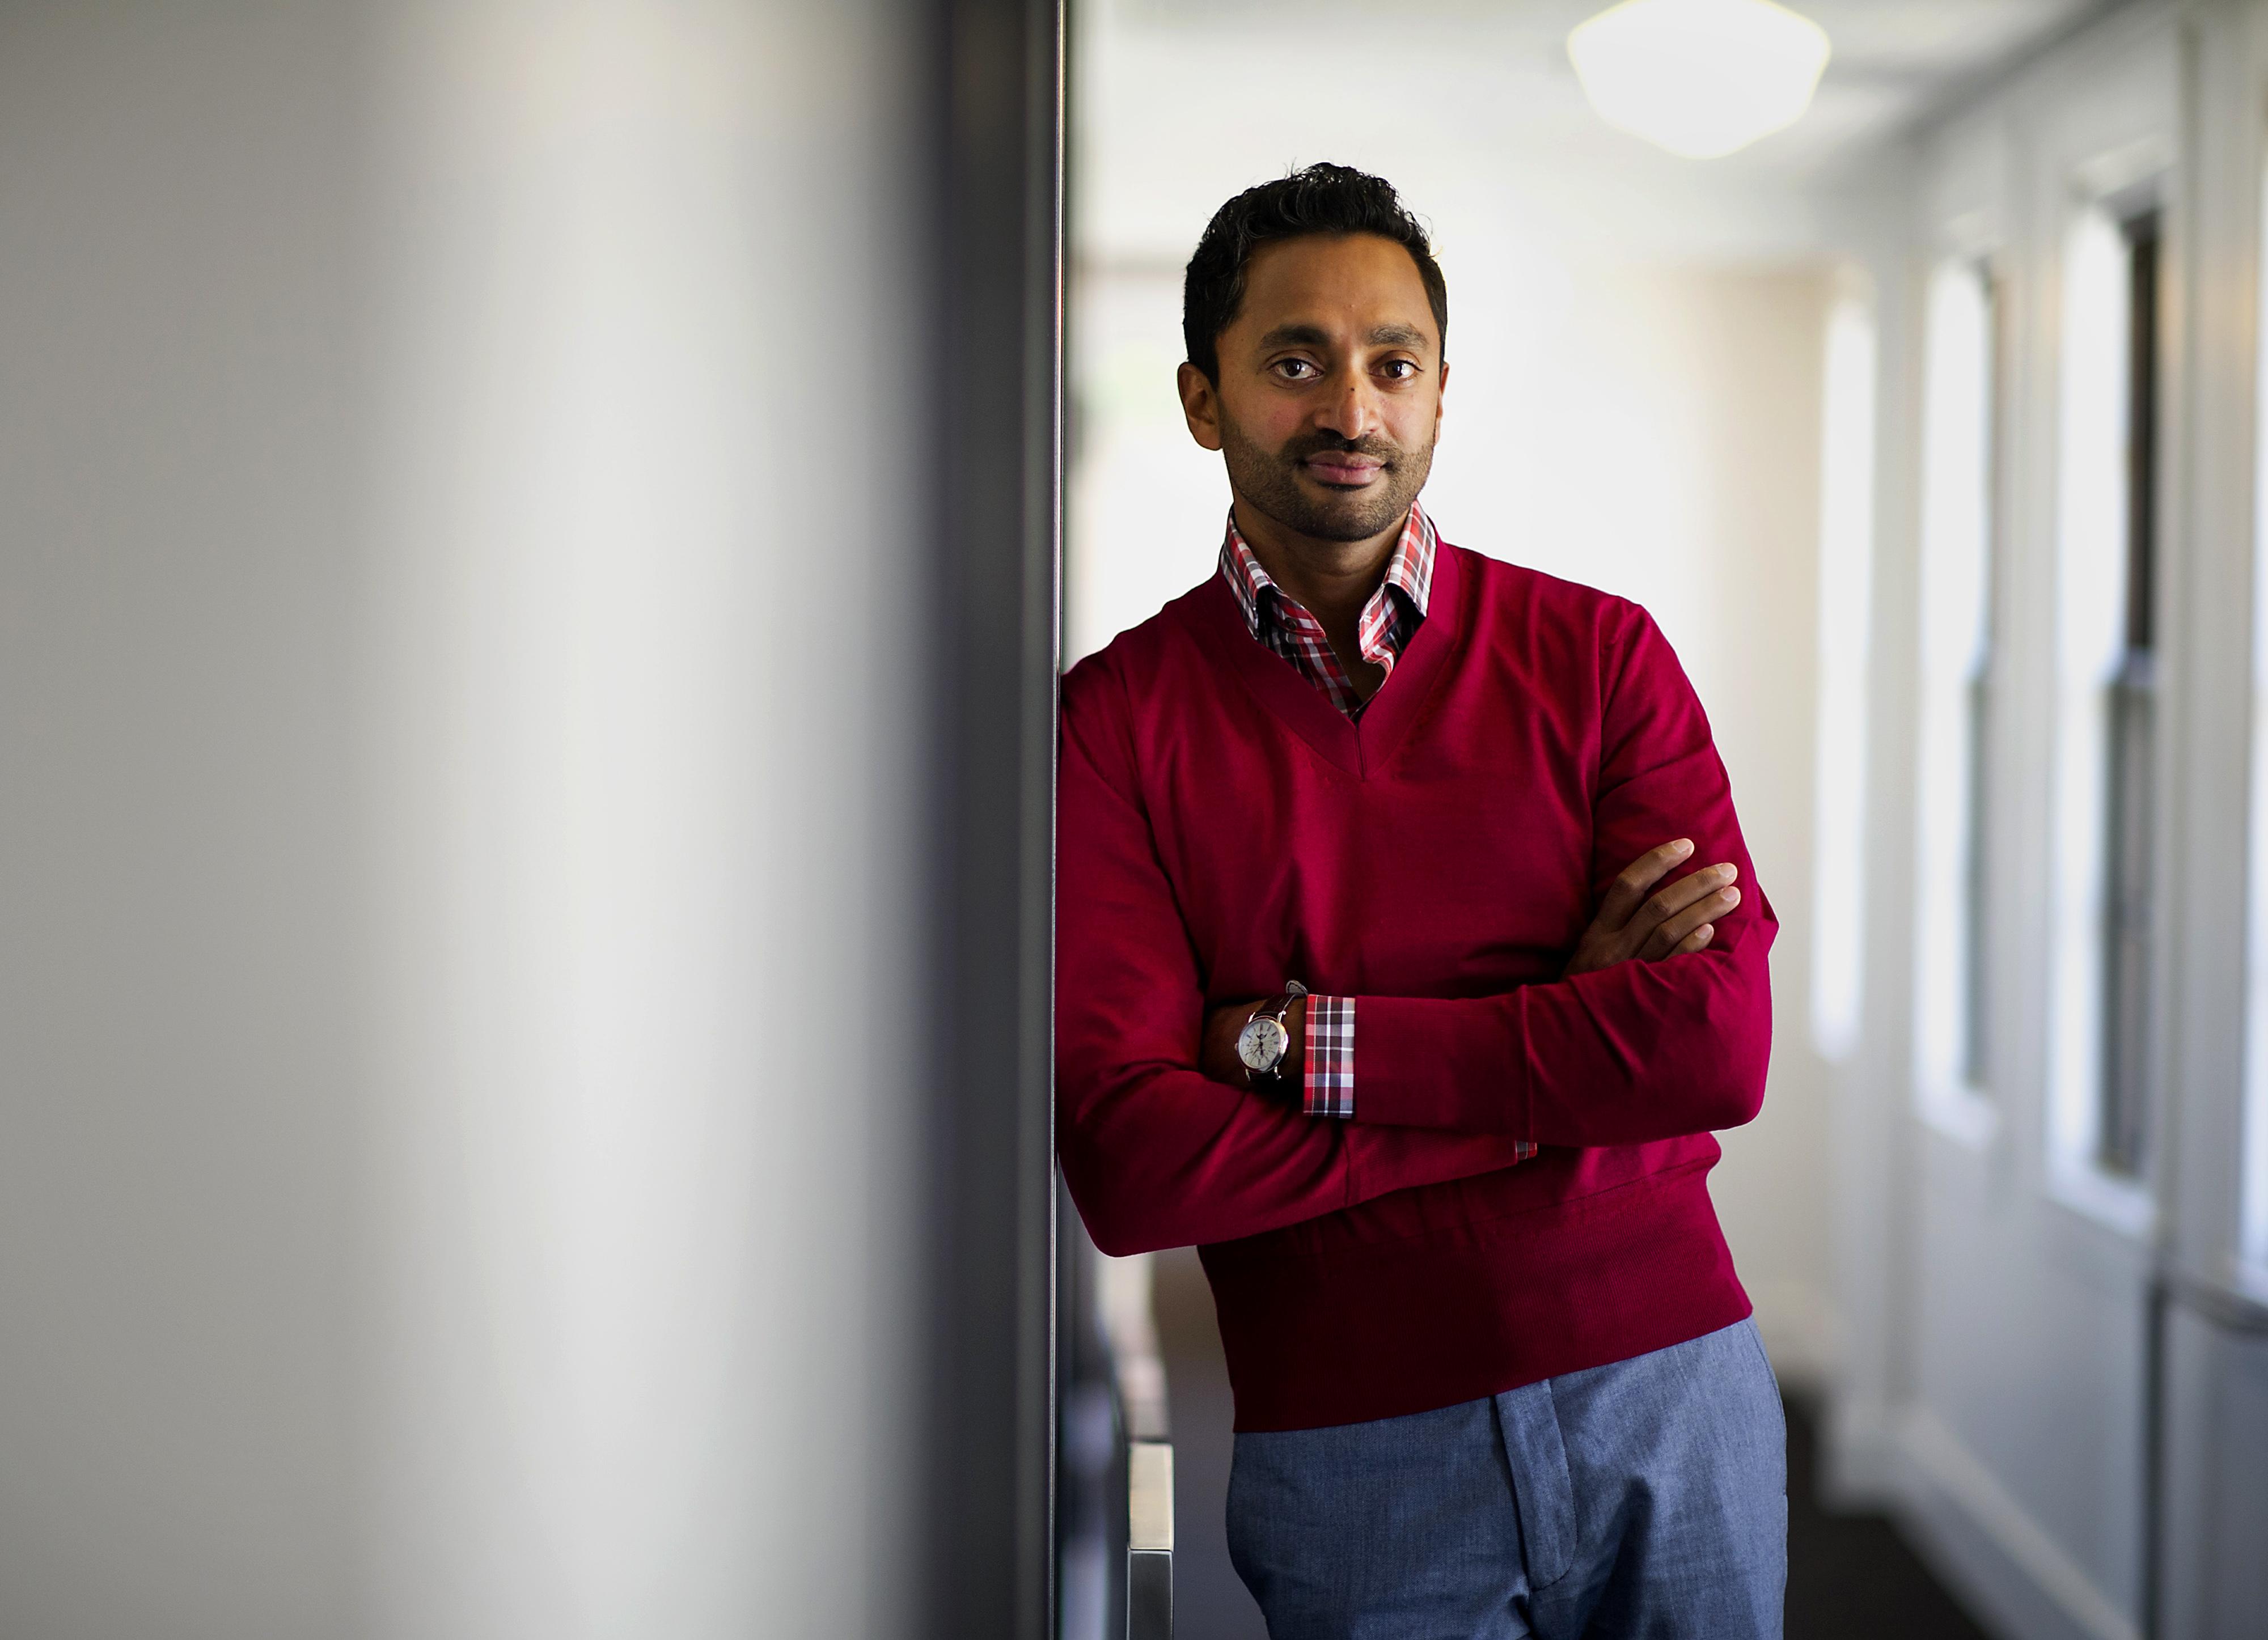 Phỏng vấn đối tác xã hội + vốn Chamath Palihapitiya